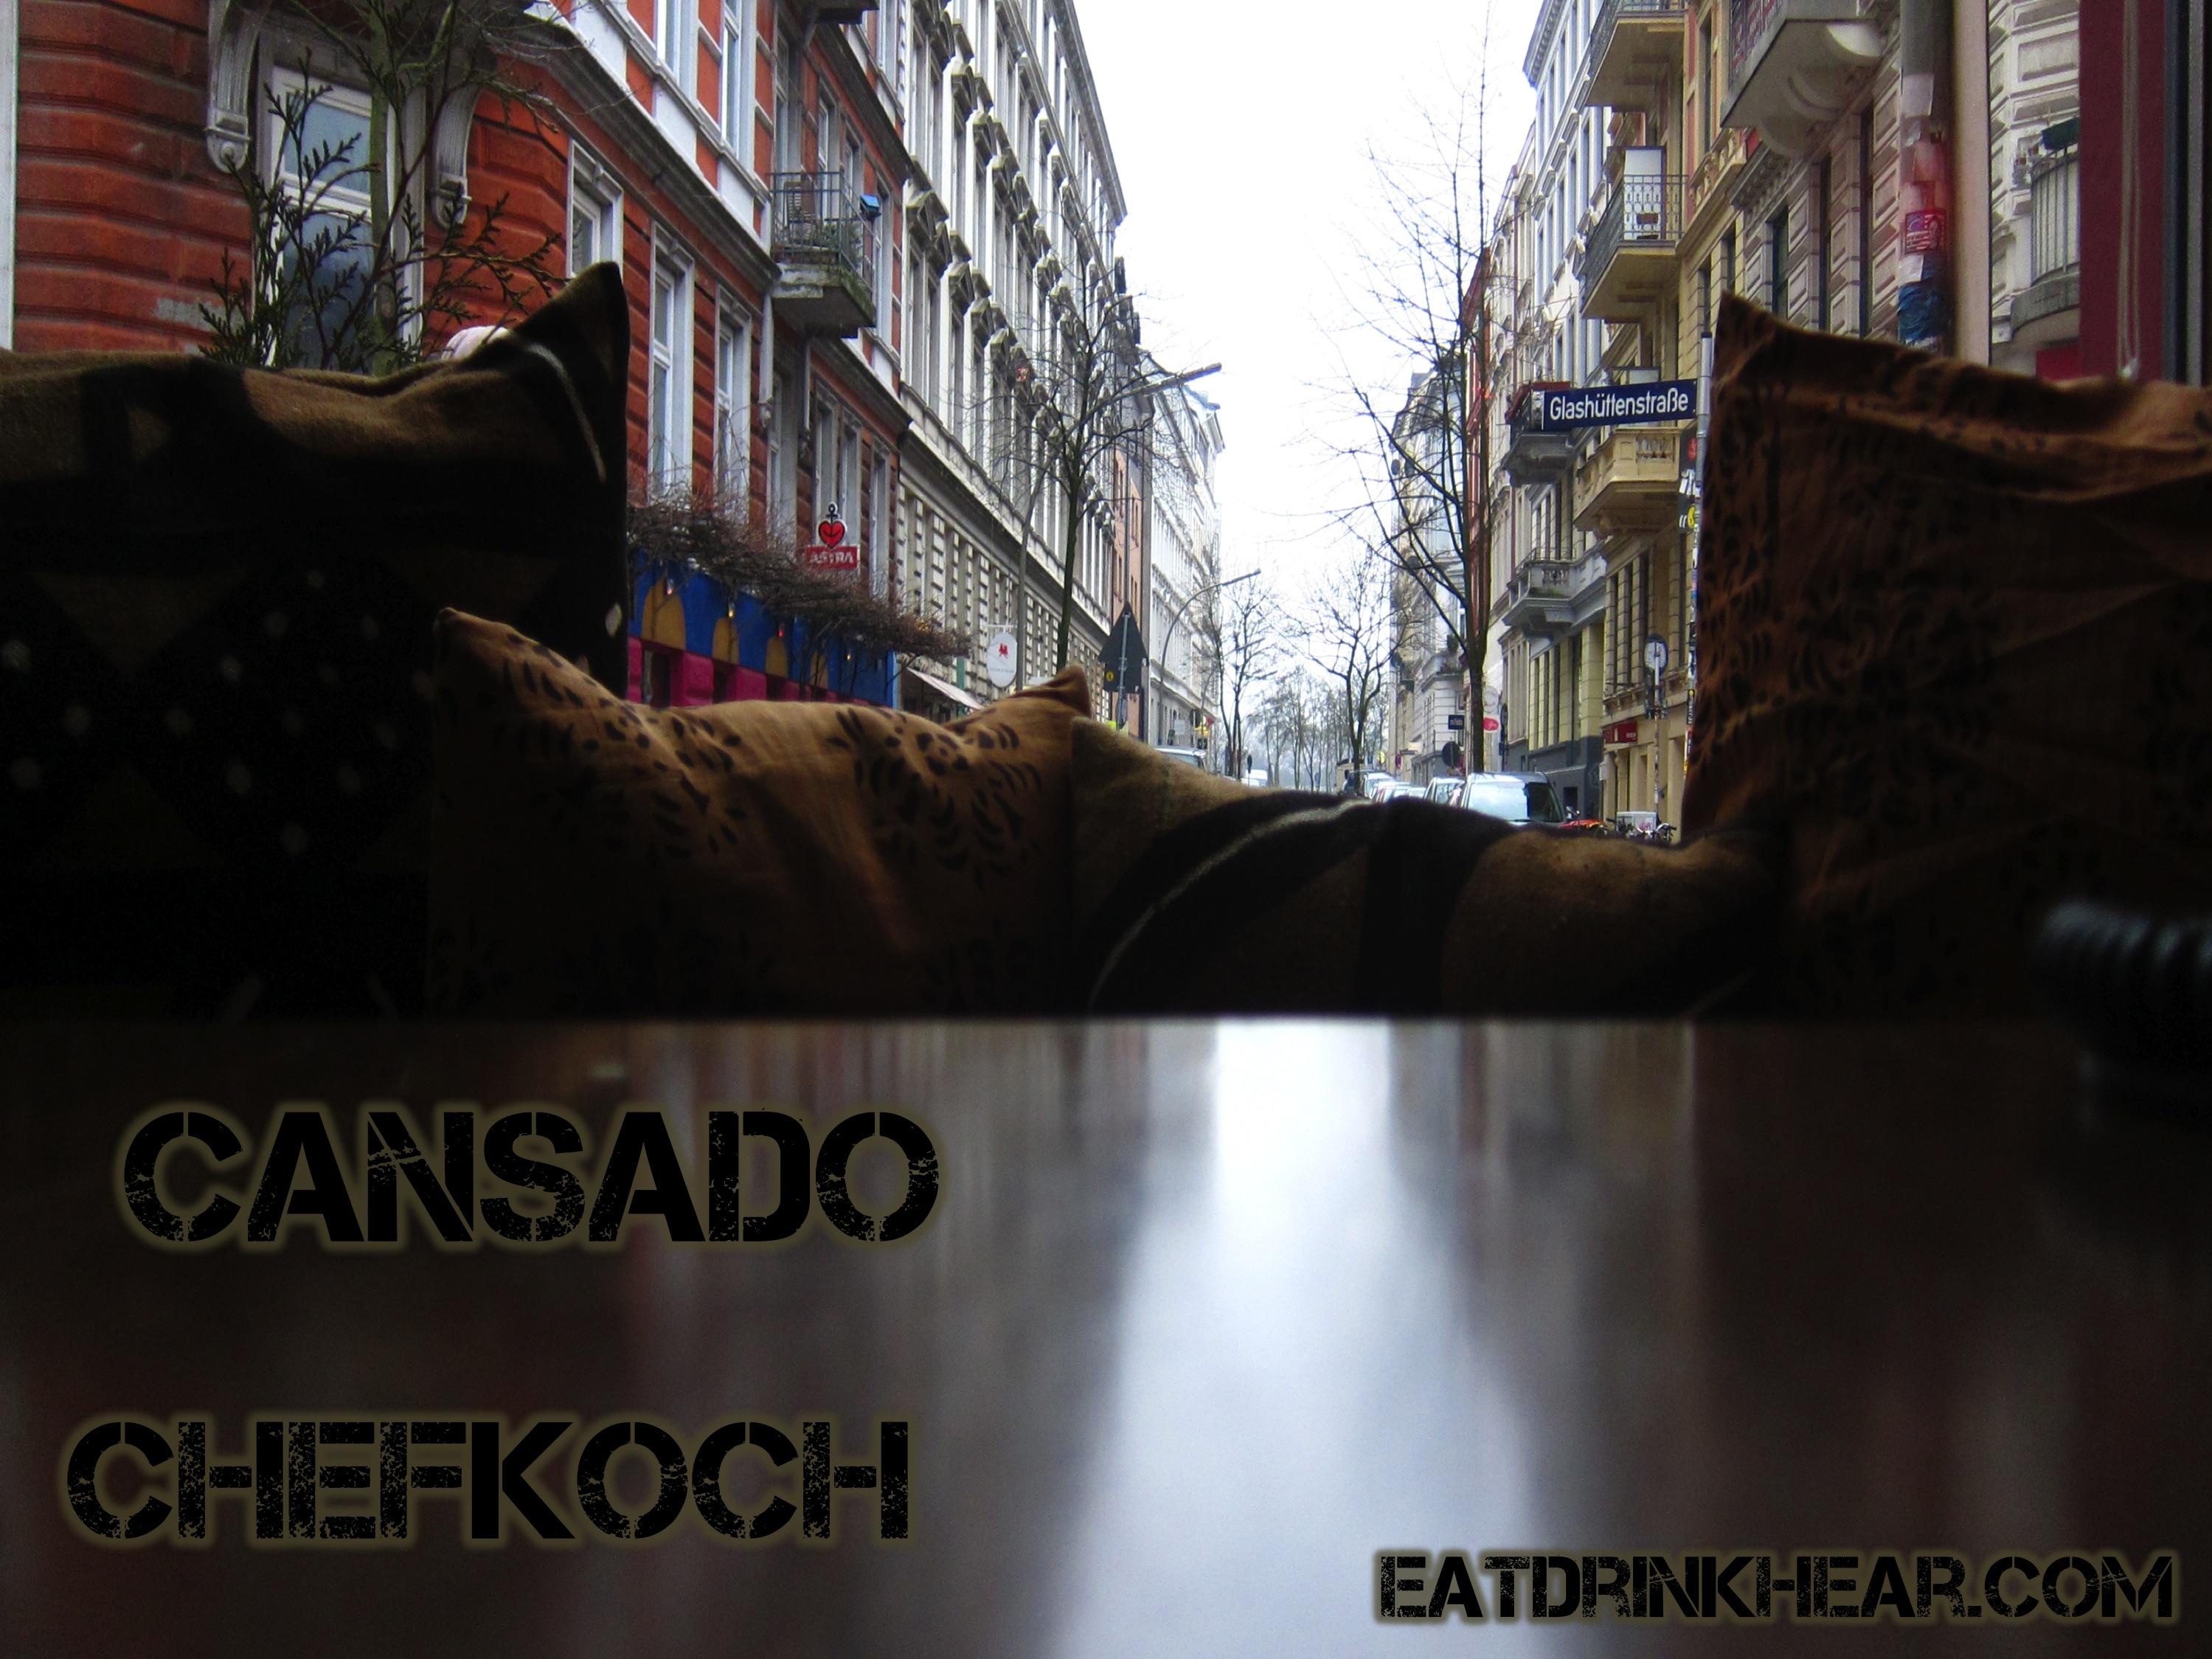 <!--:de-->Cansado – Chefkoch<!--:--><!--:en-->Cansado – Chefkoch<!--:-->